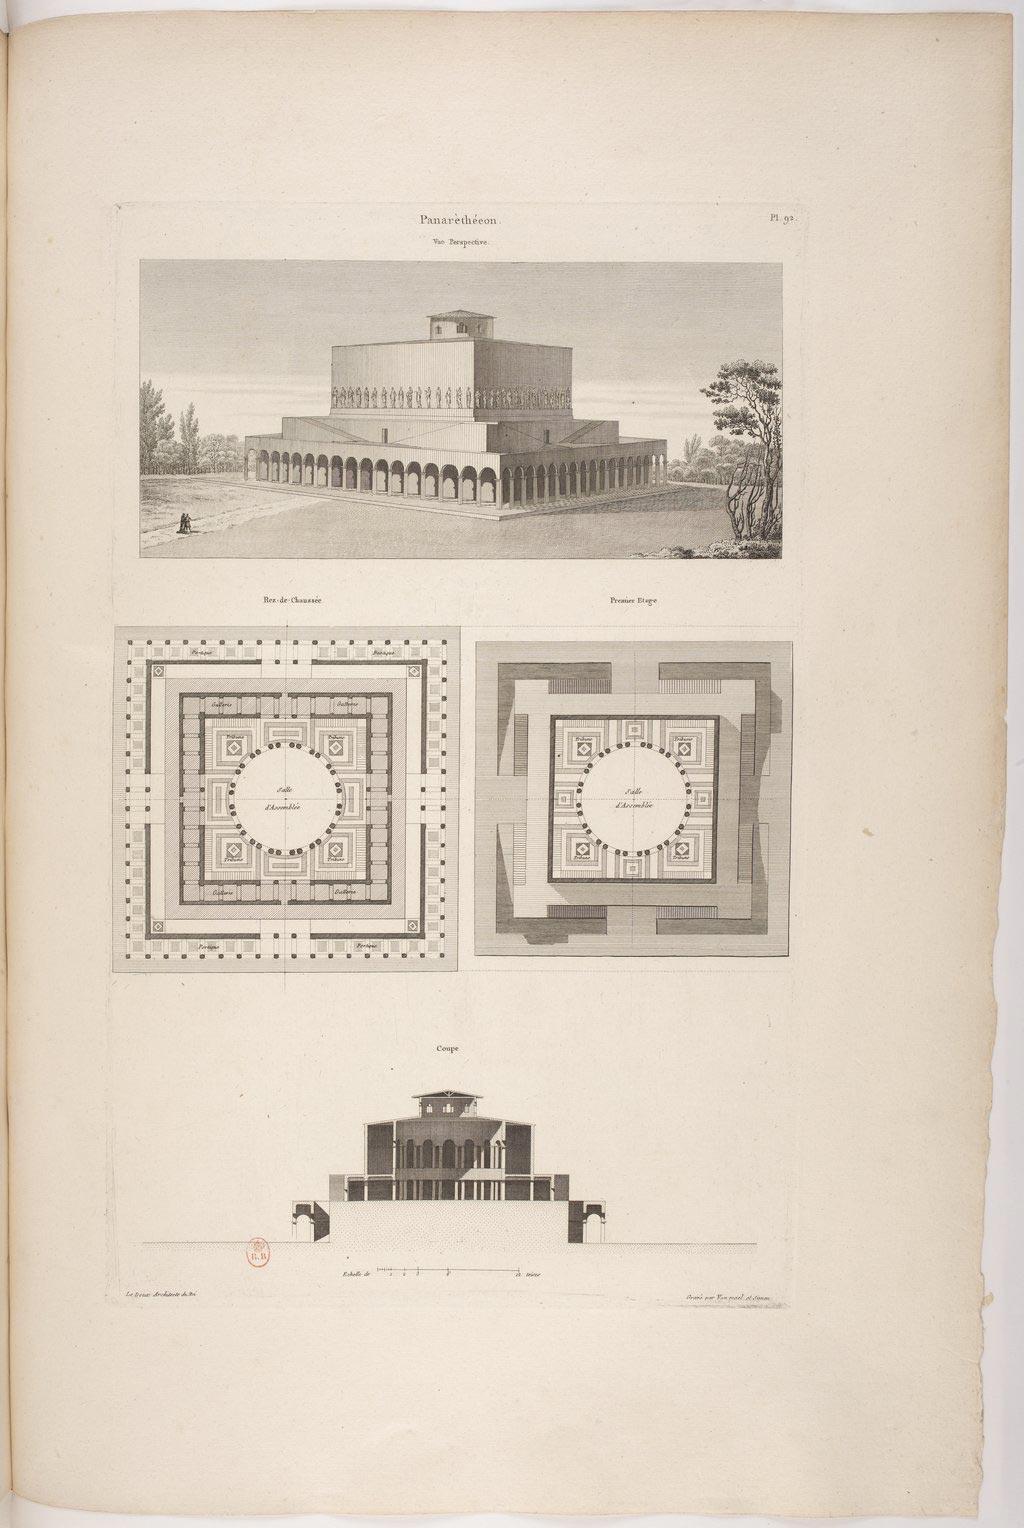 ledoux-claude-architecture-417